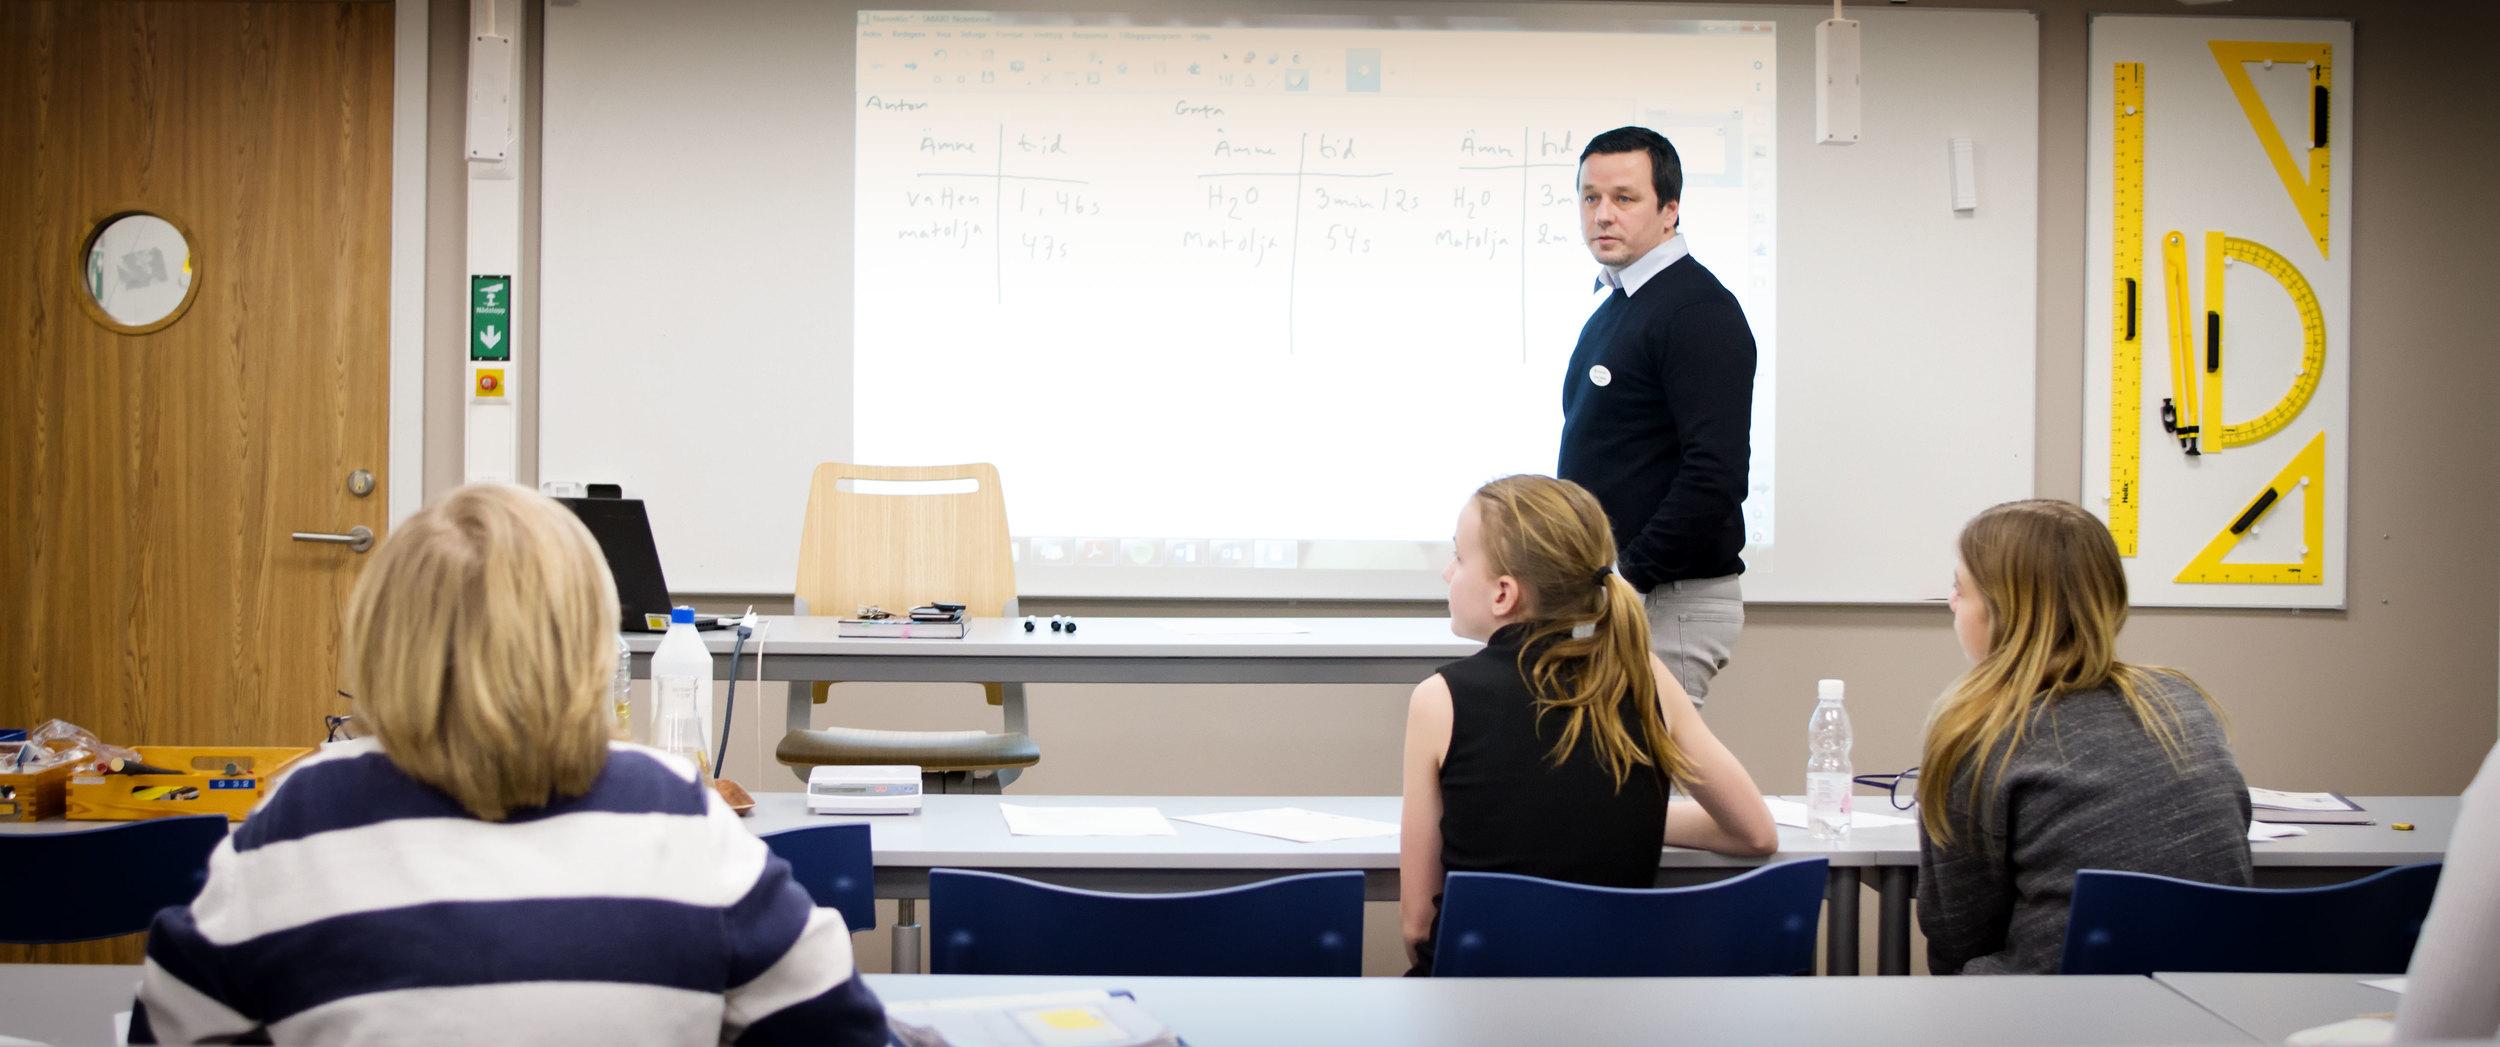 Lektioner under kvällen; ett alternativ för morgontrötta elever?